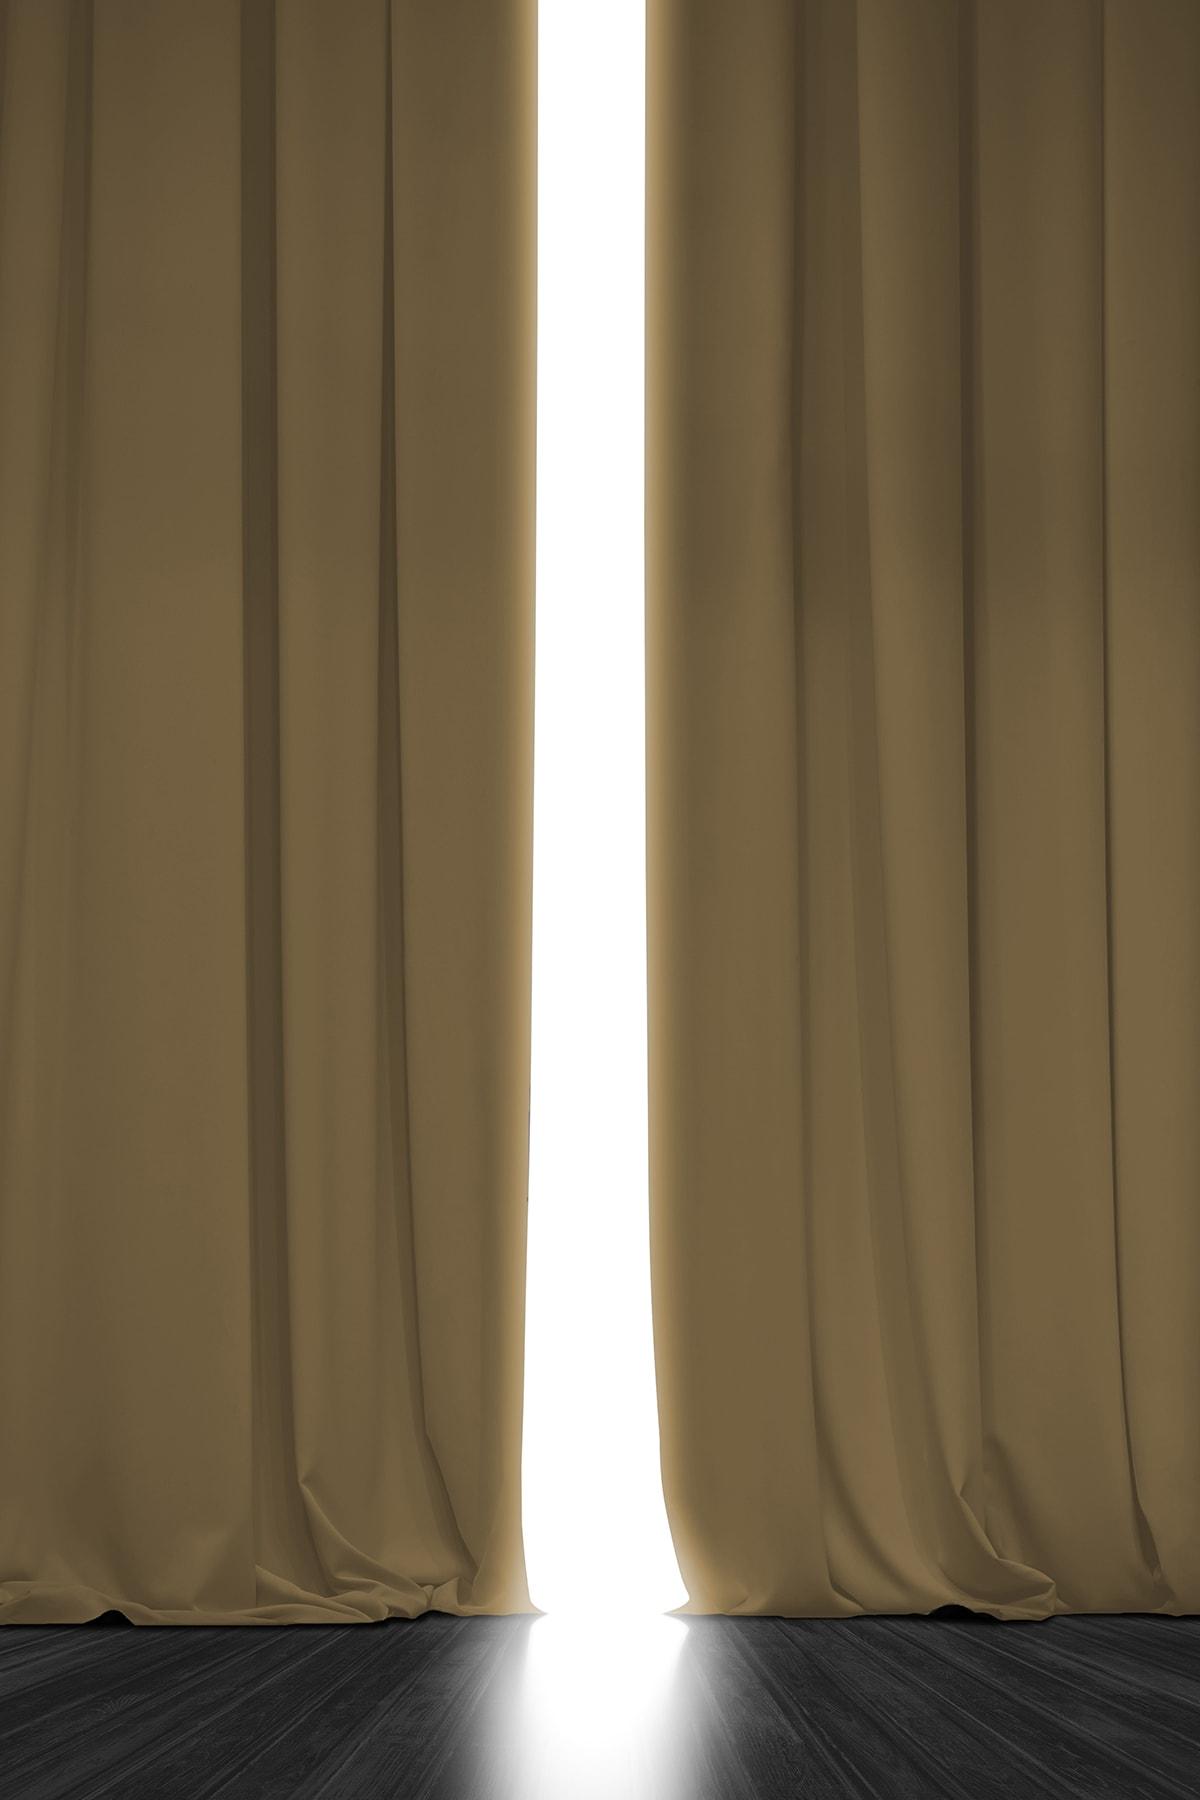 Blackout Işık Geçirmez Fon Perde V-763 Hardal Pilesiz Ekstraforlu Karartma Güneşlik